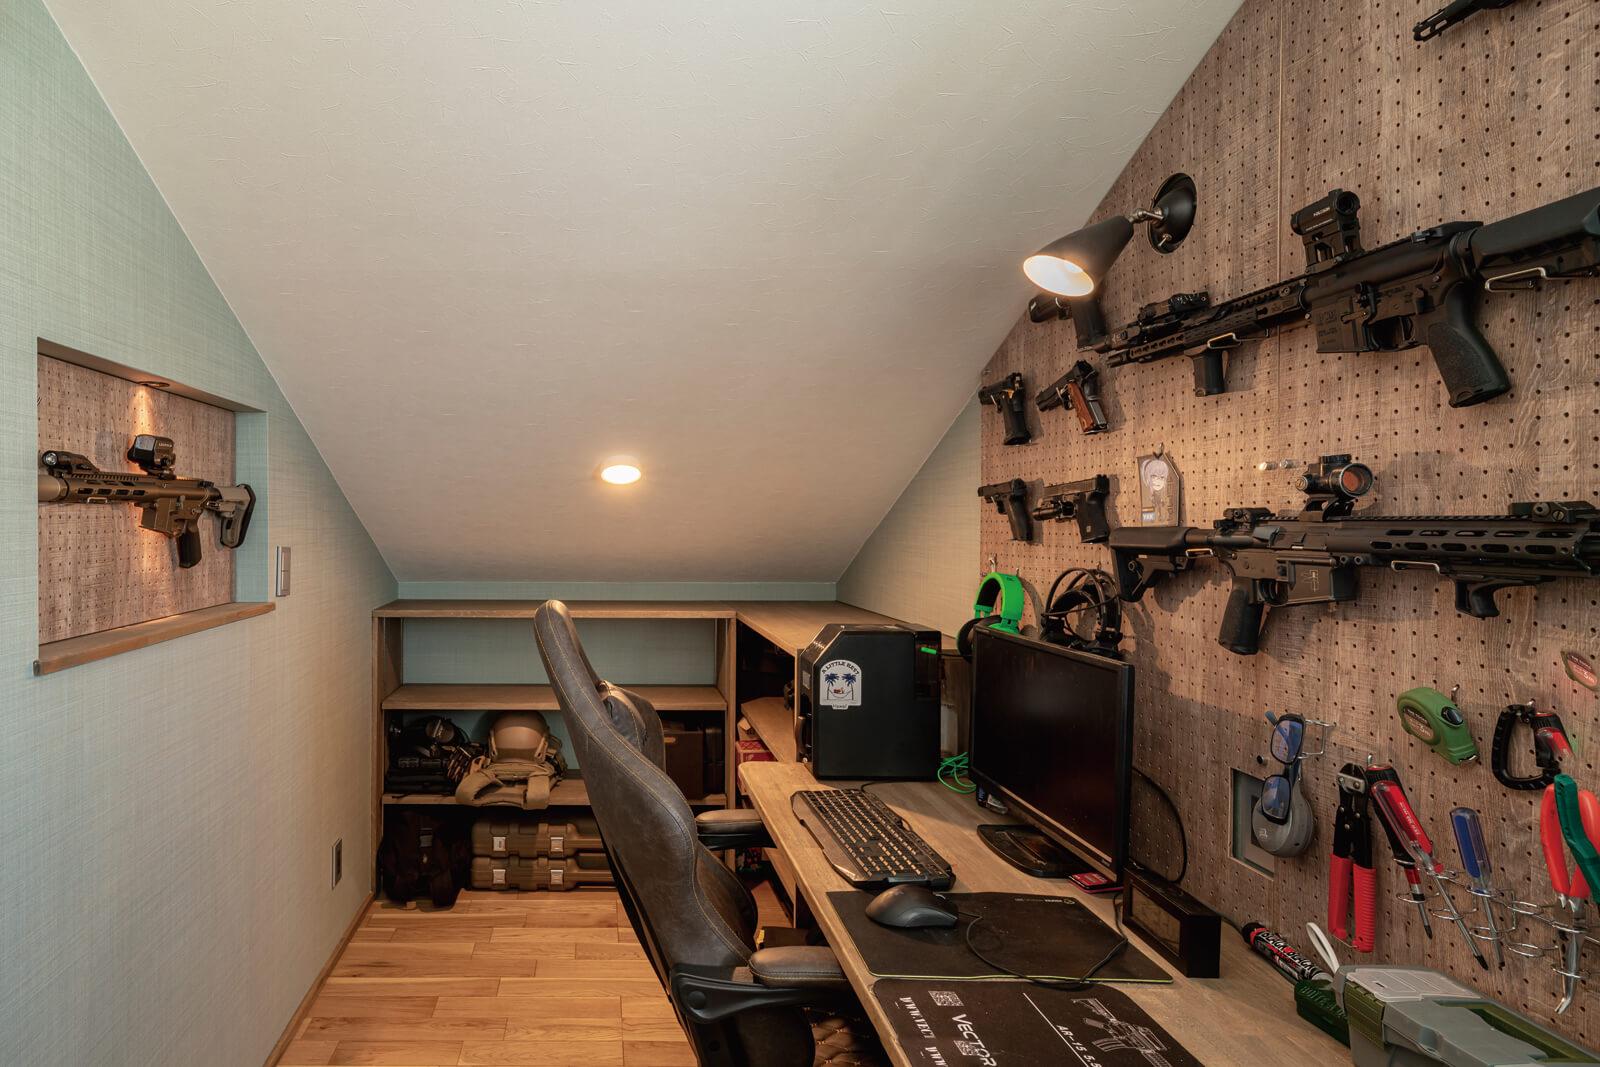 隠れ家のような2階の書斎は、Mさんの趣味の空間。カウンターの横には棚も設けられている